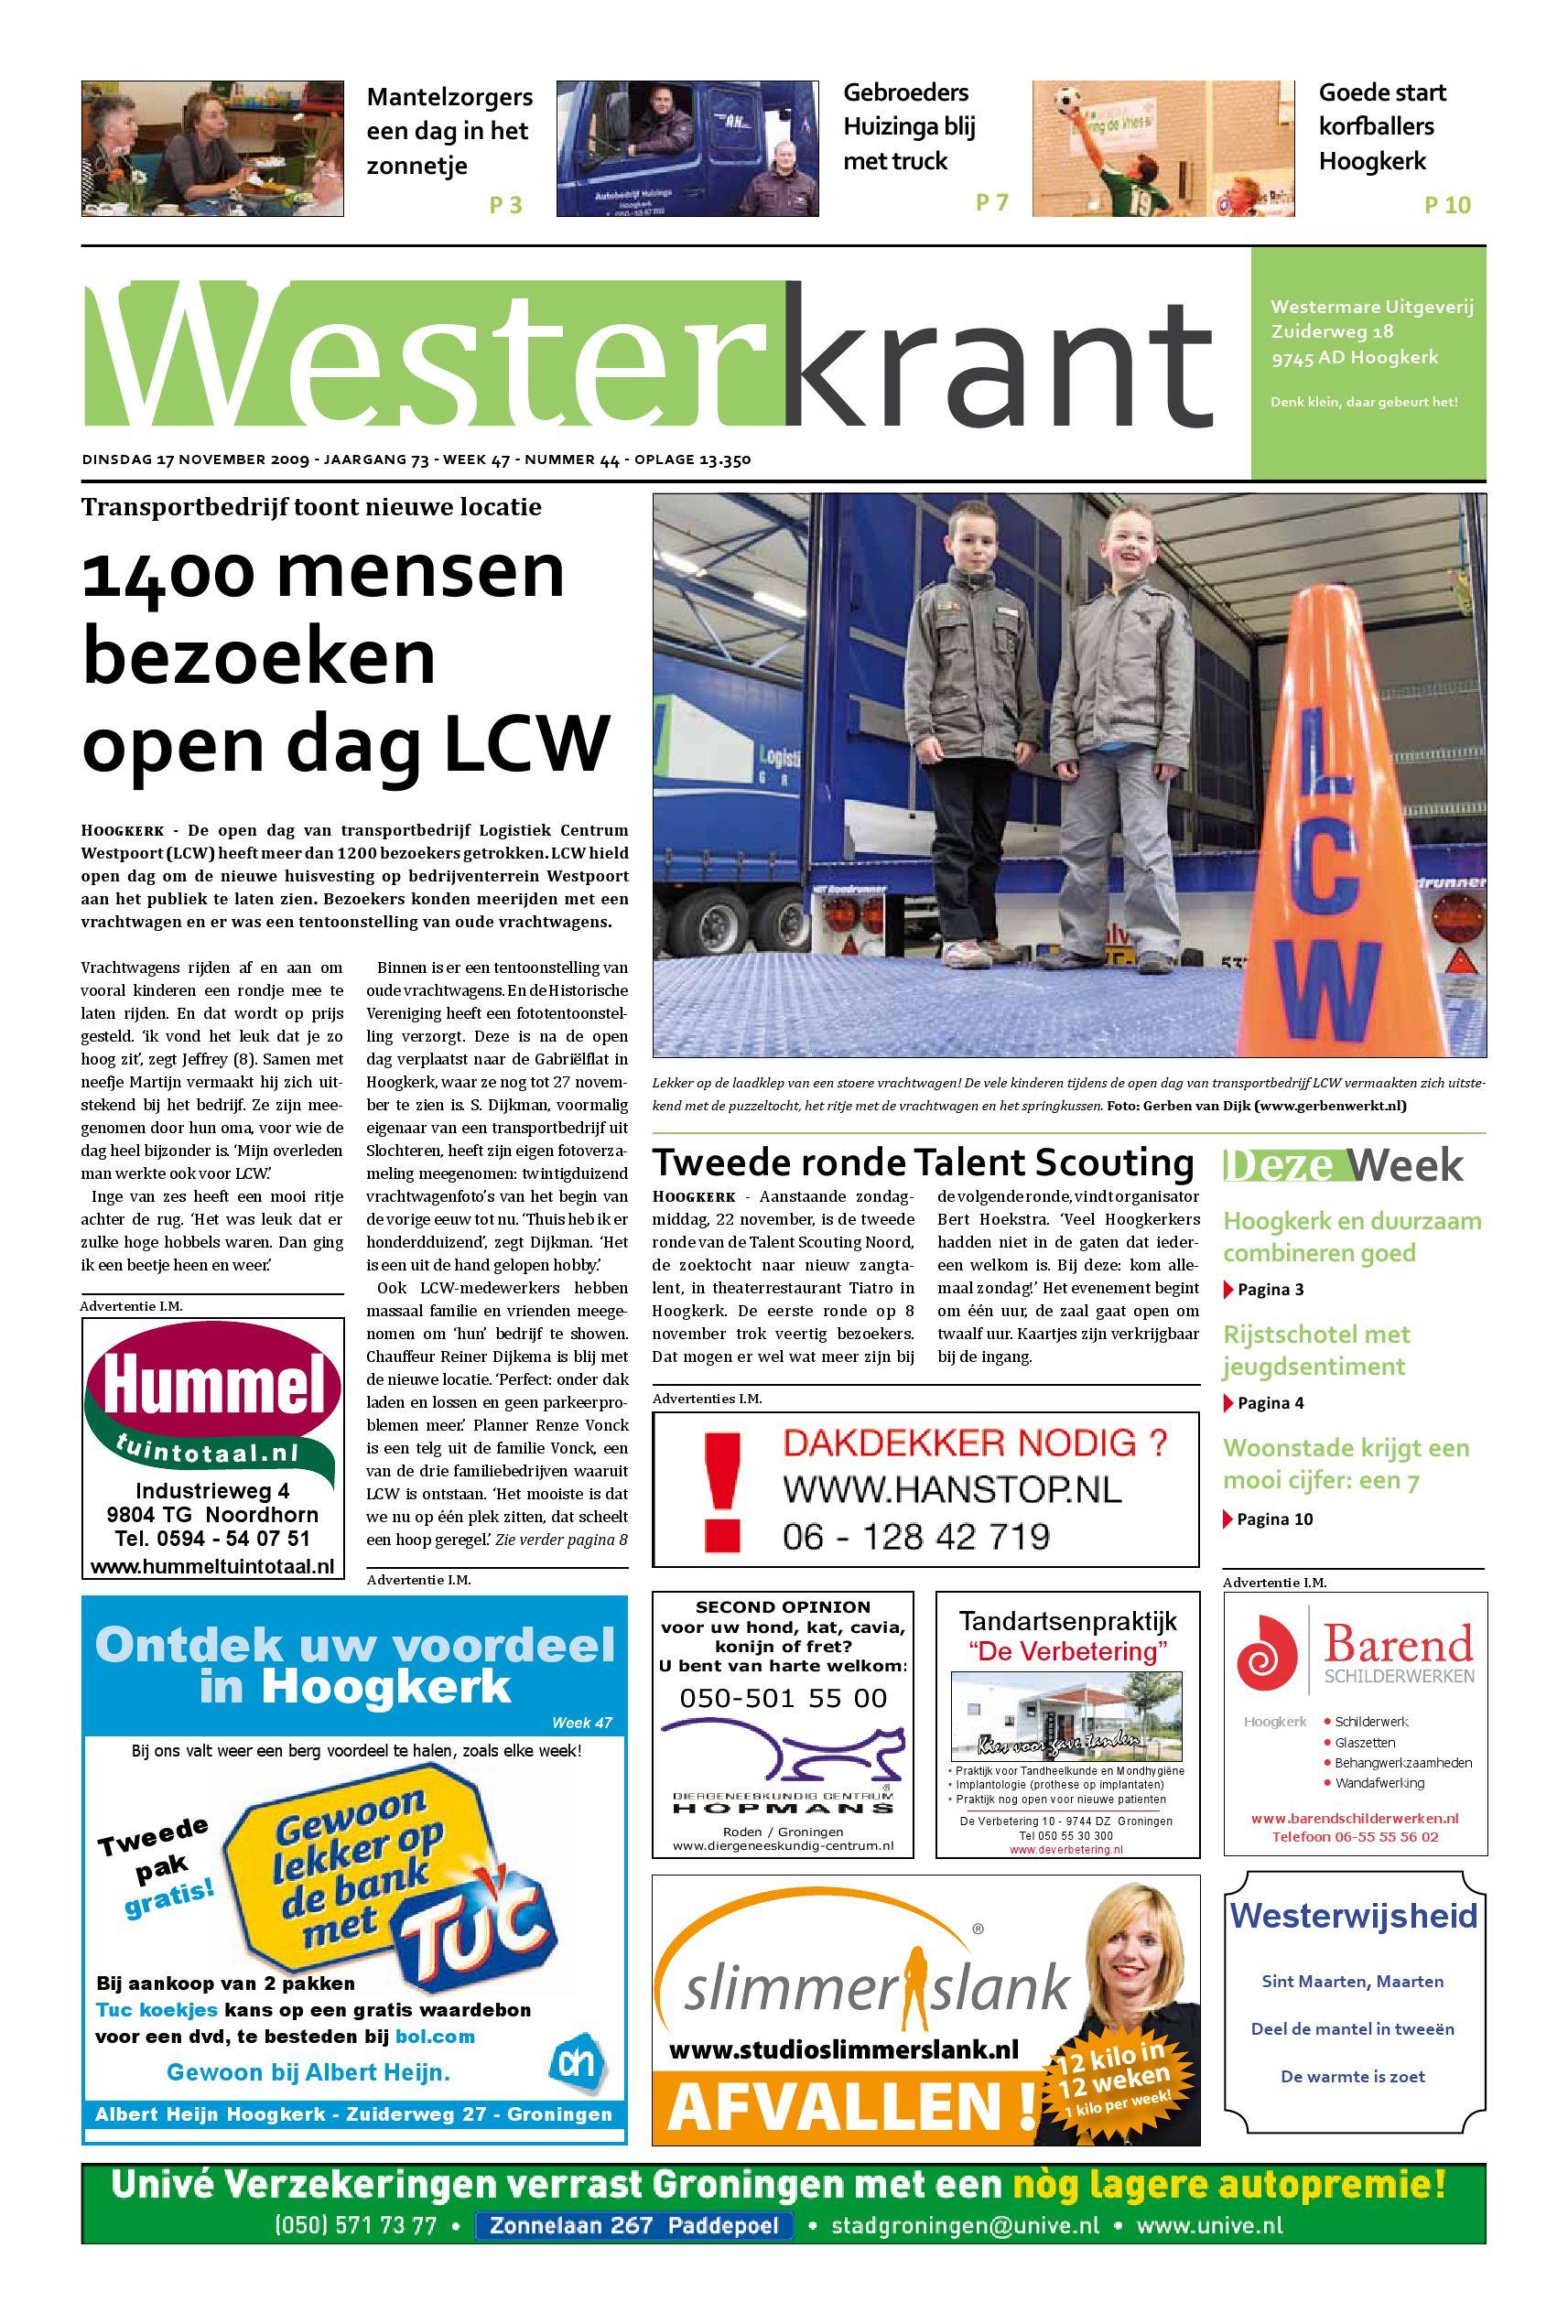 Westerkrant Week 47 2009 By Vwh Hoogkerk Issuu